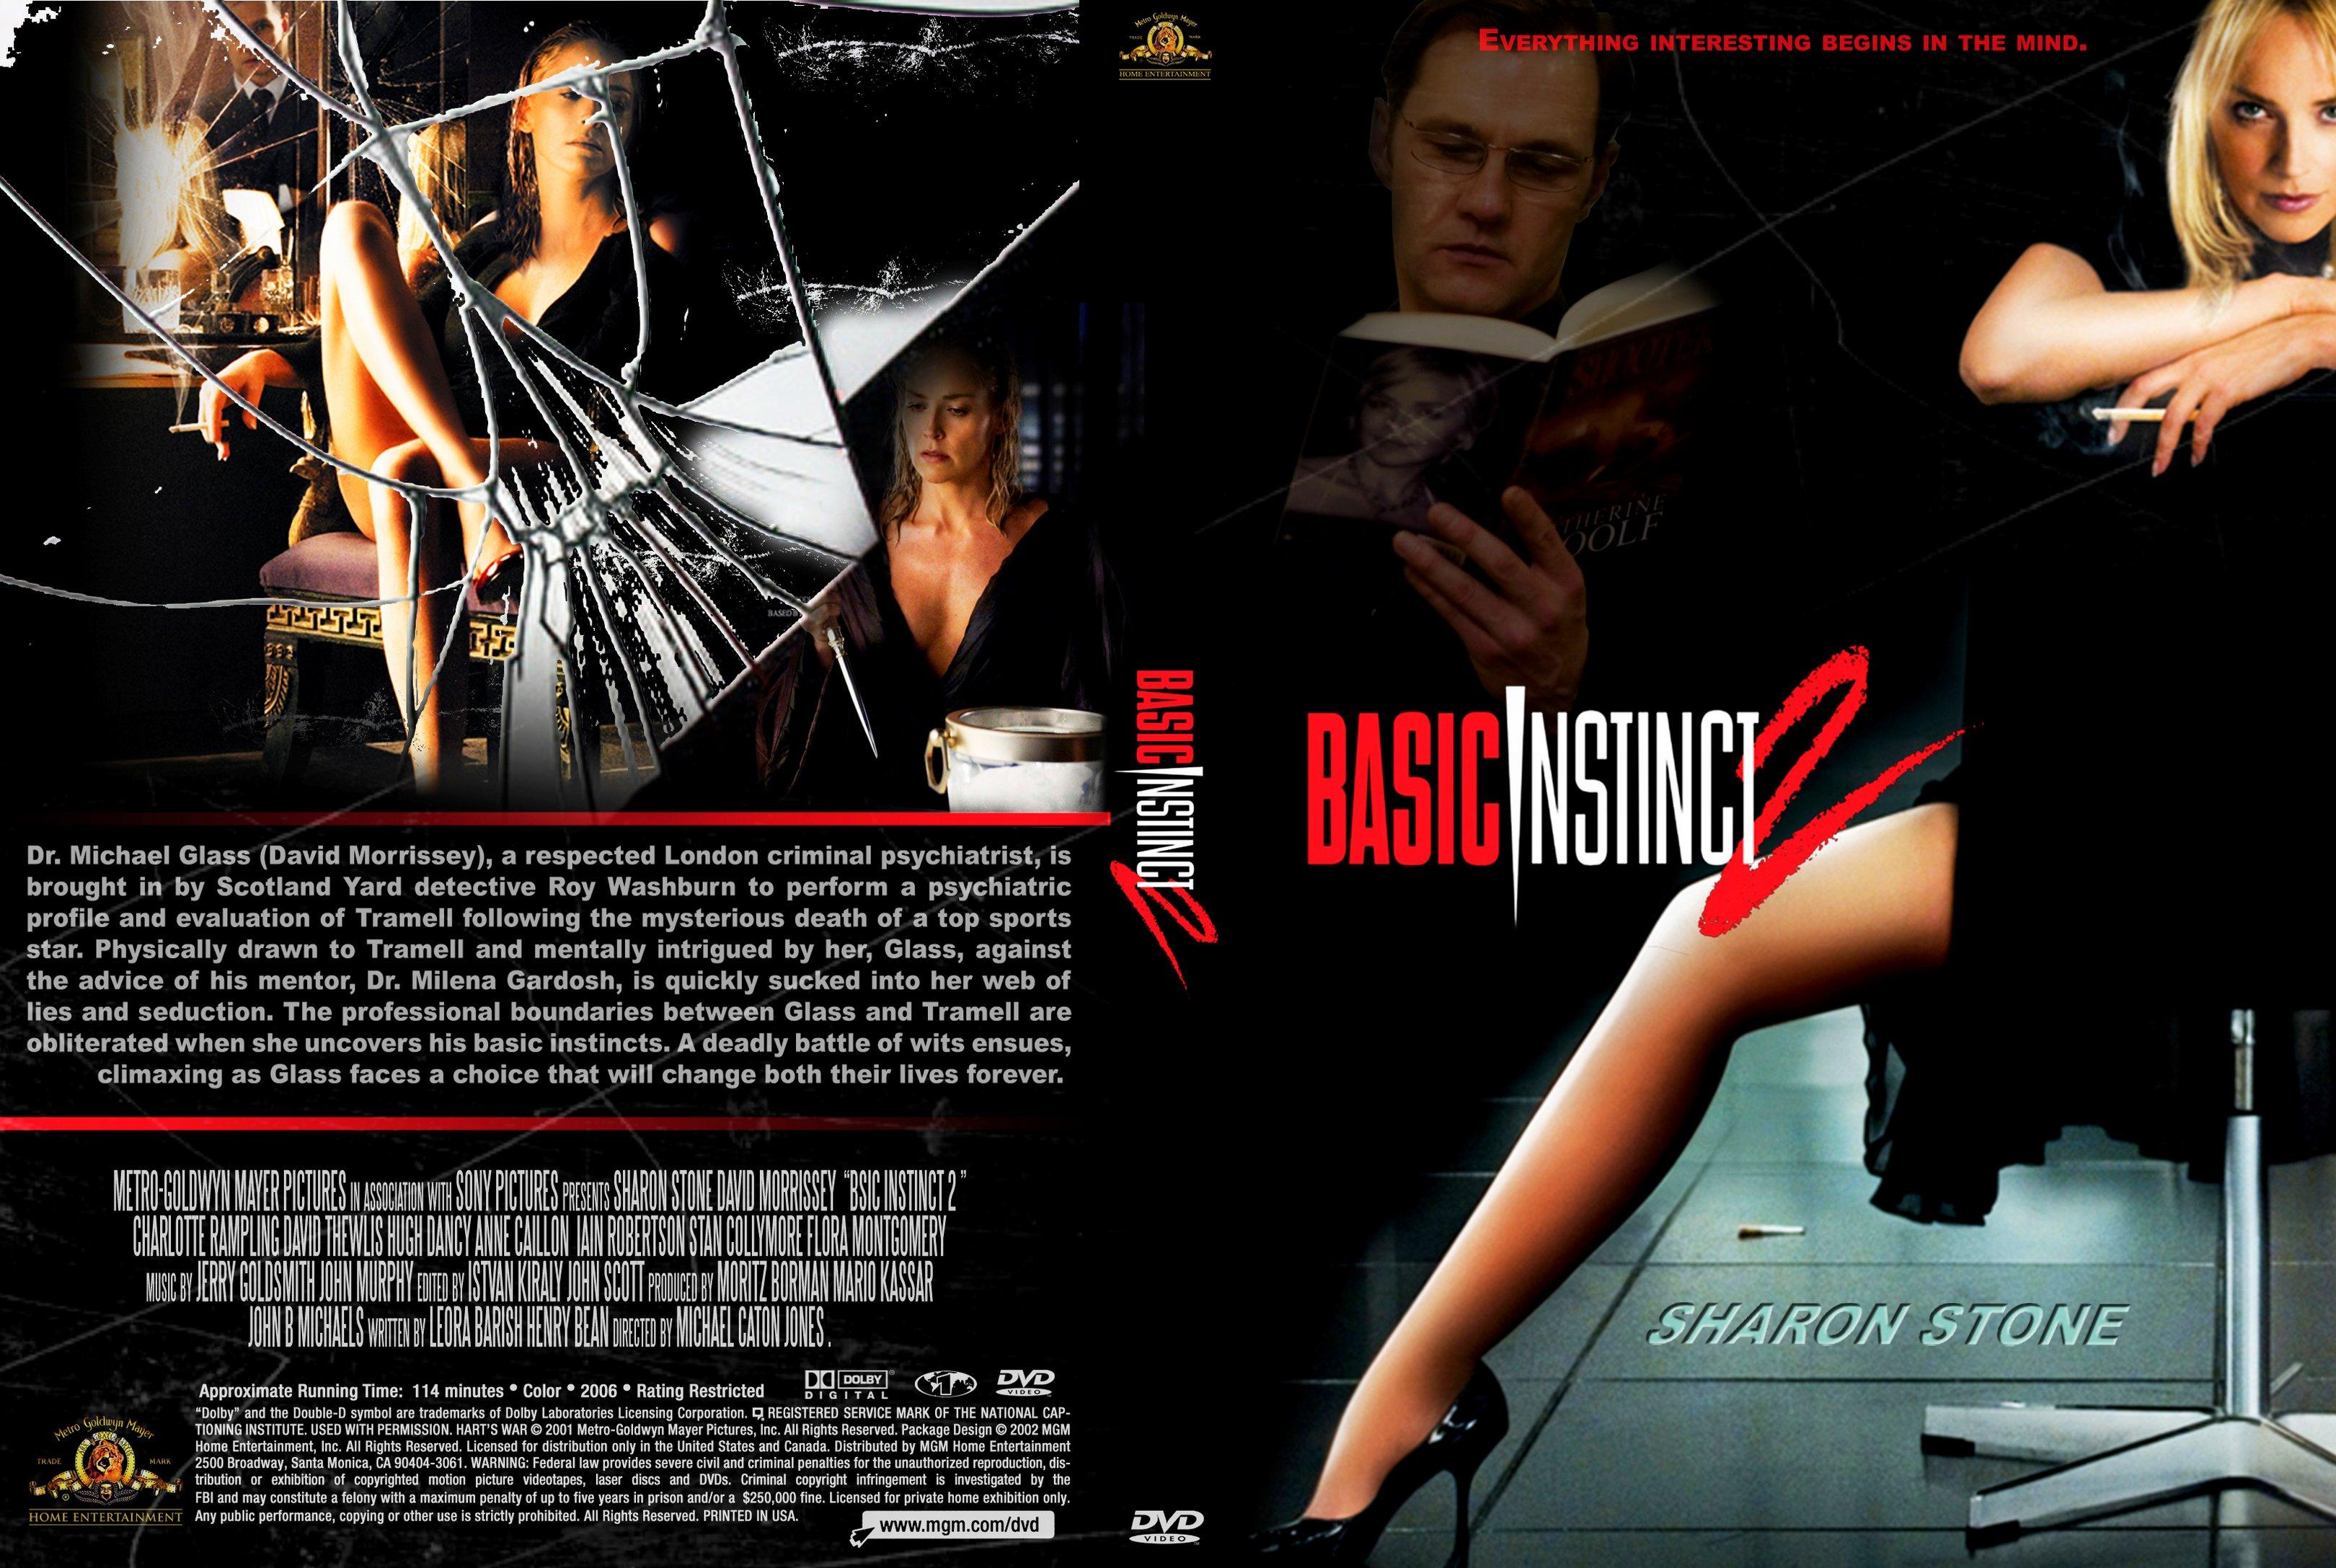 Sharon stone basic instinct 2: risk addiction (2006 stock photo.